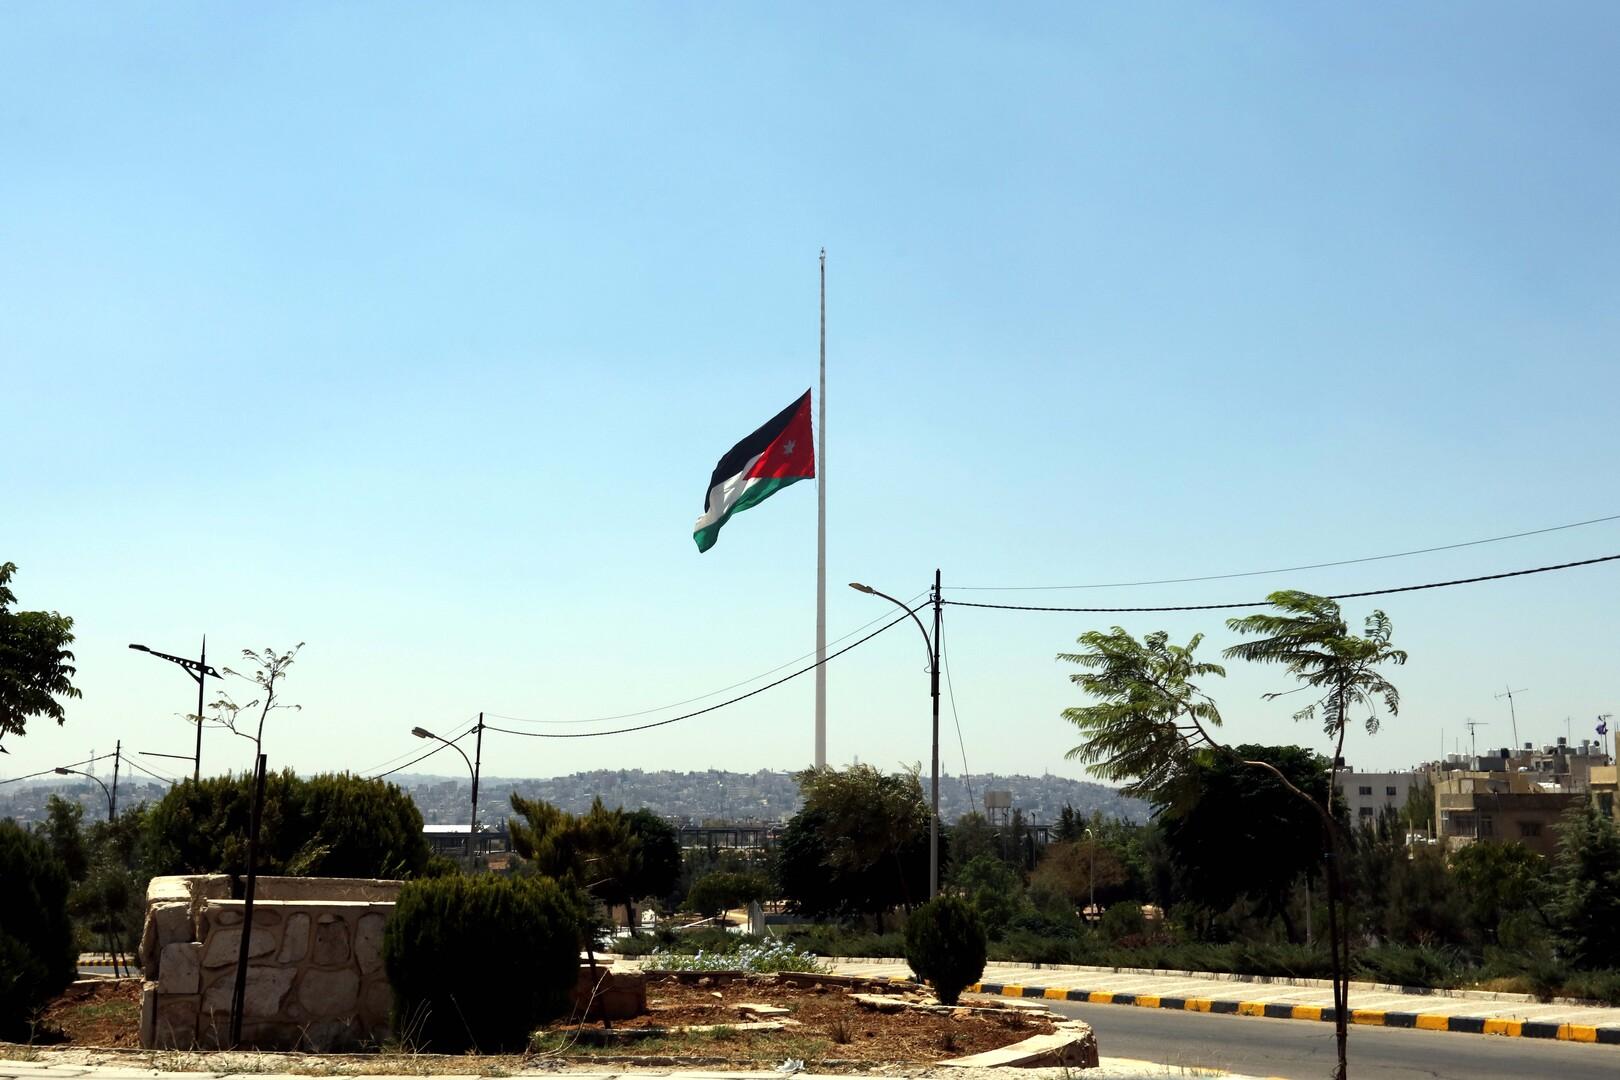 مستوى انعدام الأمن الغذائي الشديد في الأردن يقدر بـ 13.5% لعام 2020